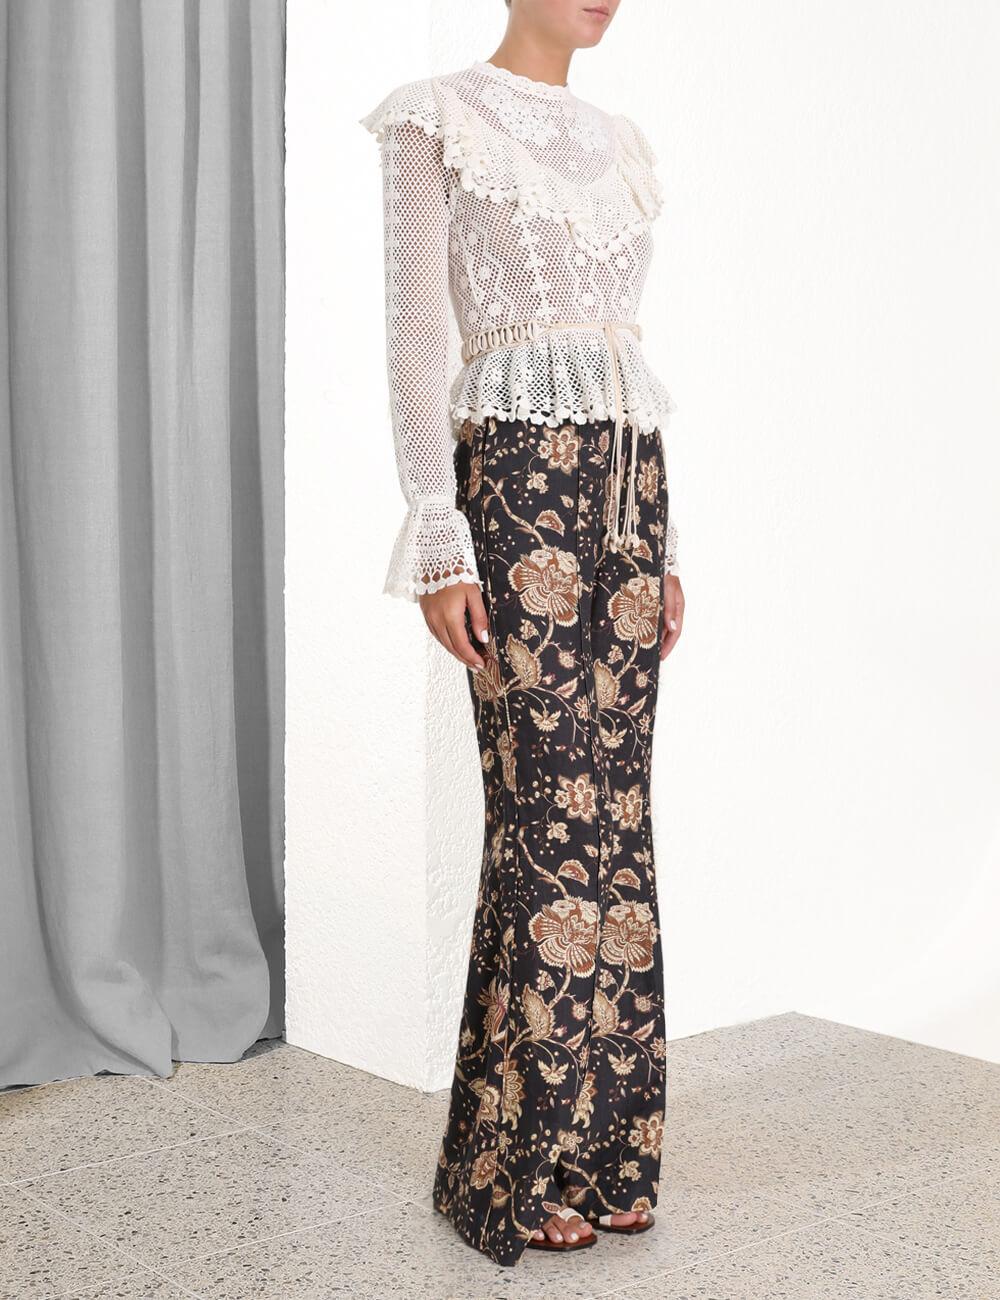 Allia Crochet Top